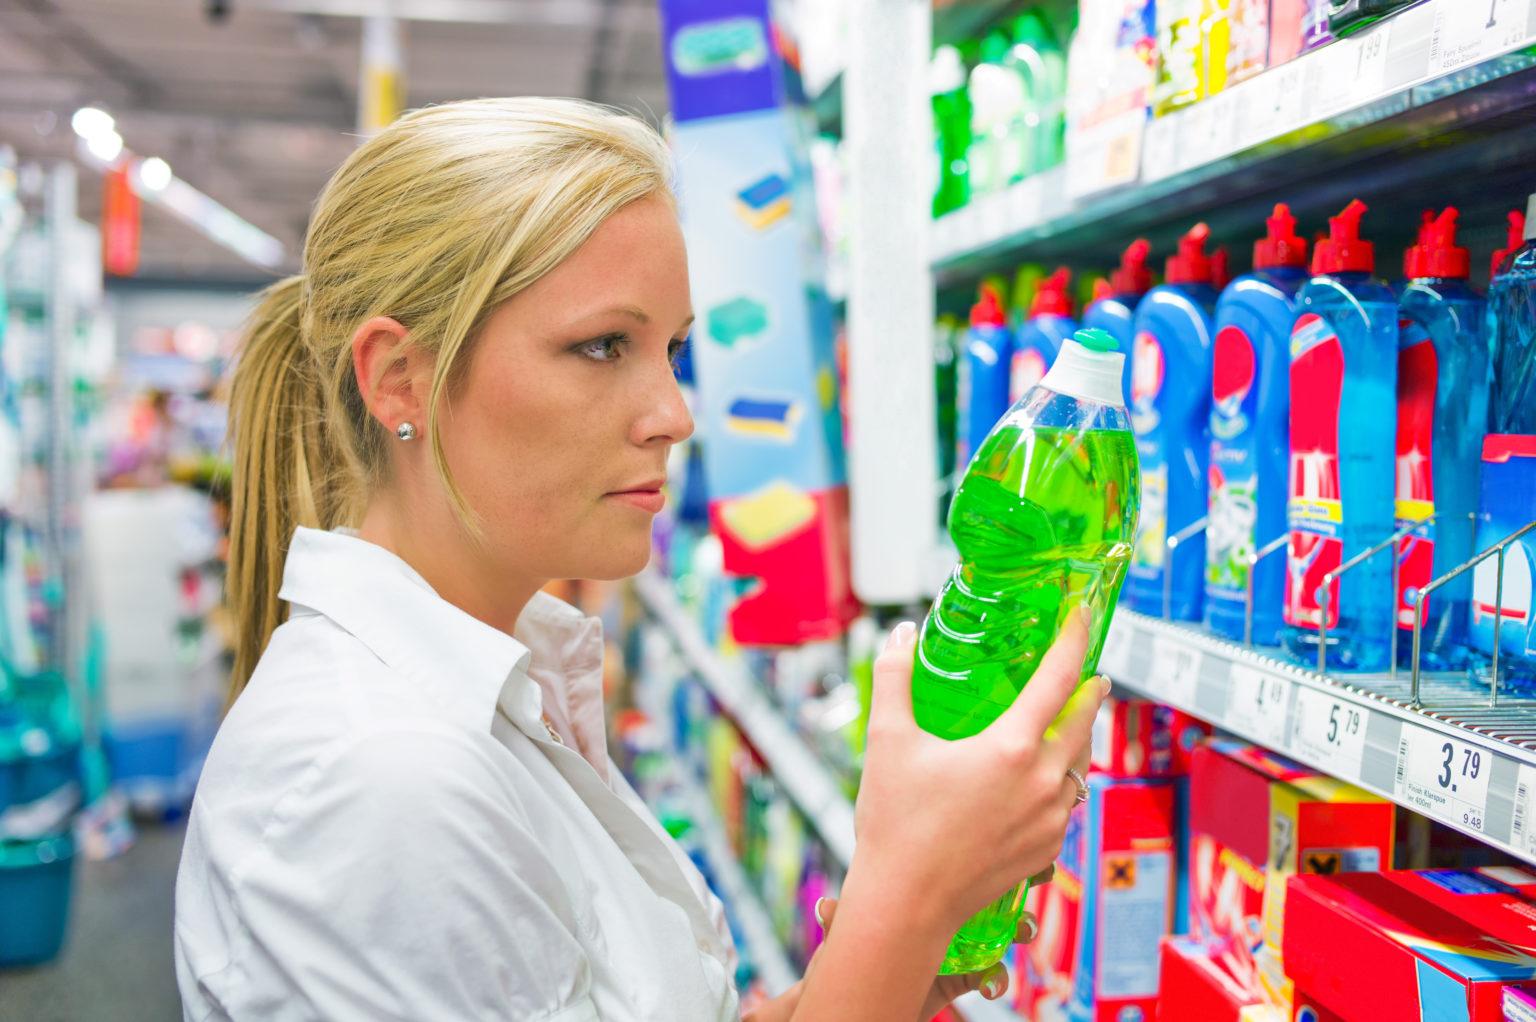 ce produse de curatenie folosim?